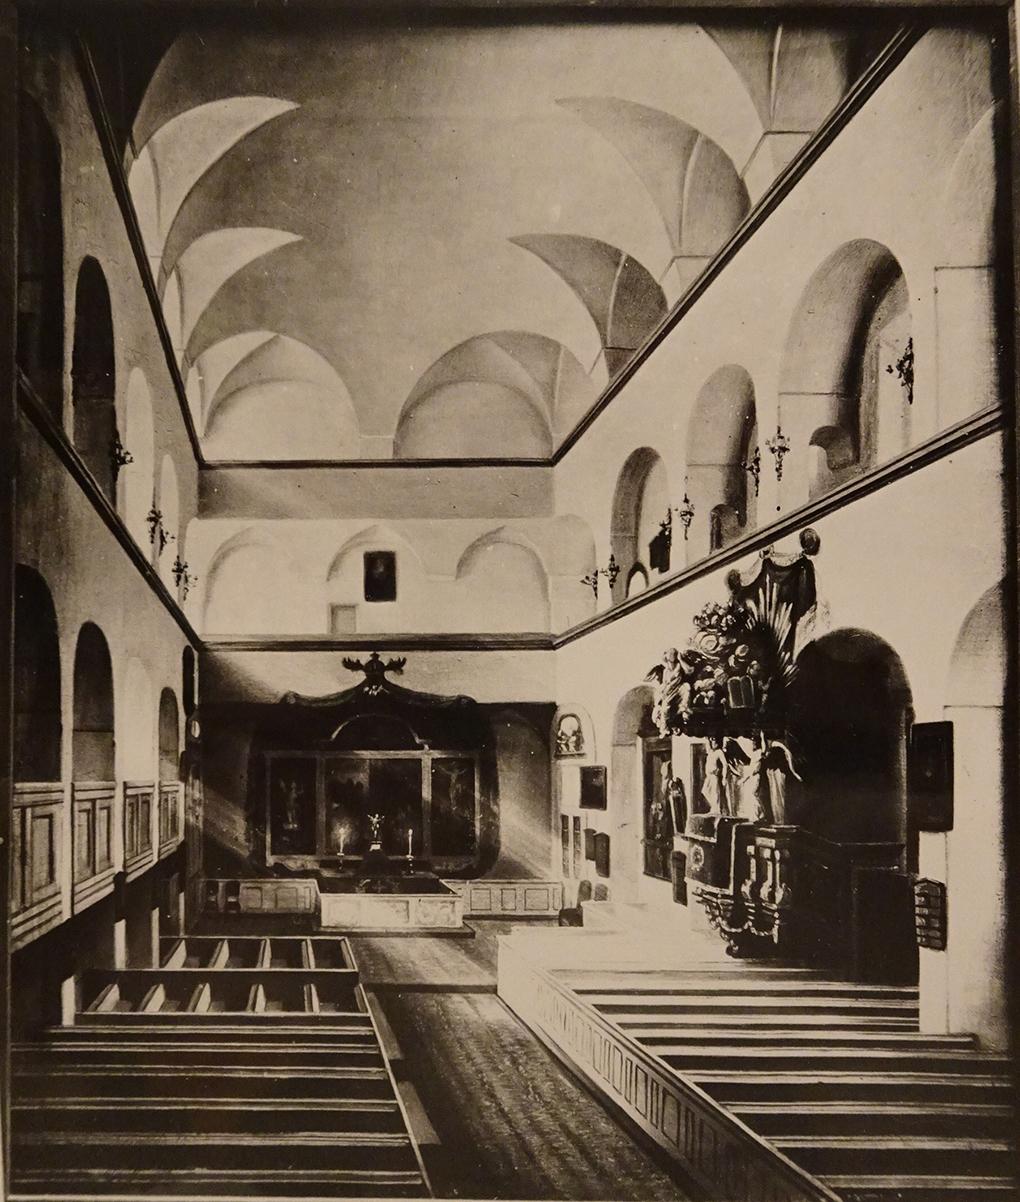 Ludwig Most, Widok wnętrza kościoła zamkowego, 1861, obraz olejny na płótnie, Muzeum Narodowe w Szczecinie, Archiwum Fotograficzne